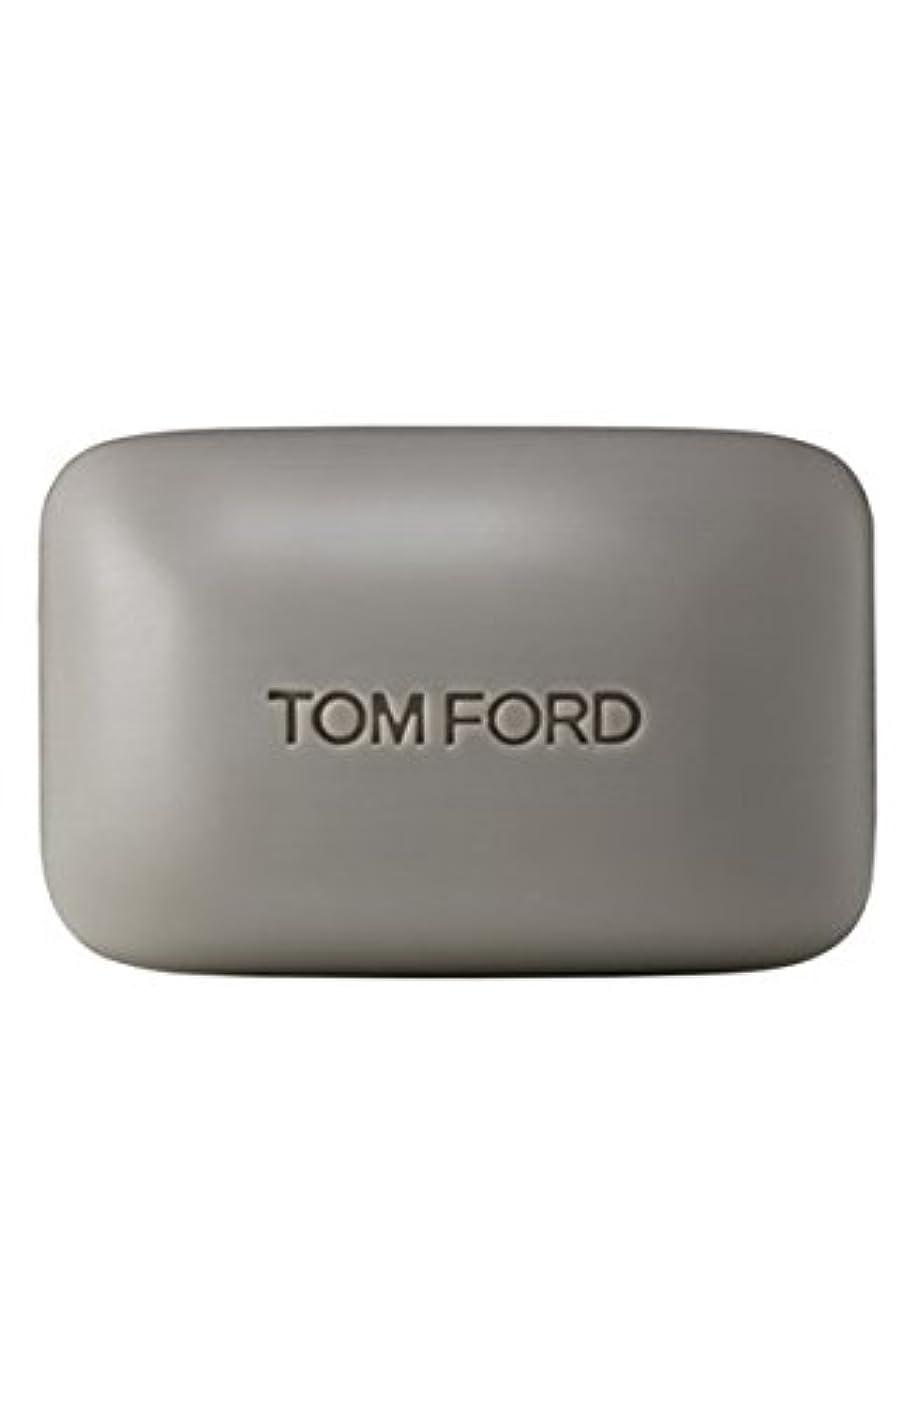 オゾン伝導率囲むTom Ford Private Blend 'Oud Wood' (トムフォード プライベートブレンド オードウッド) 5.5 oz (165ml) Bar Soap (固形石鹸)